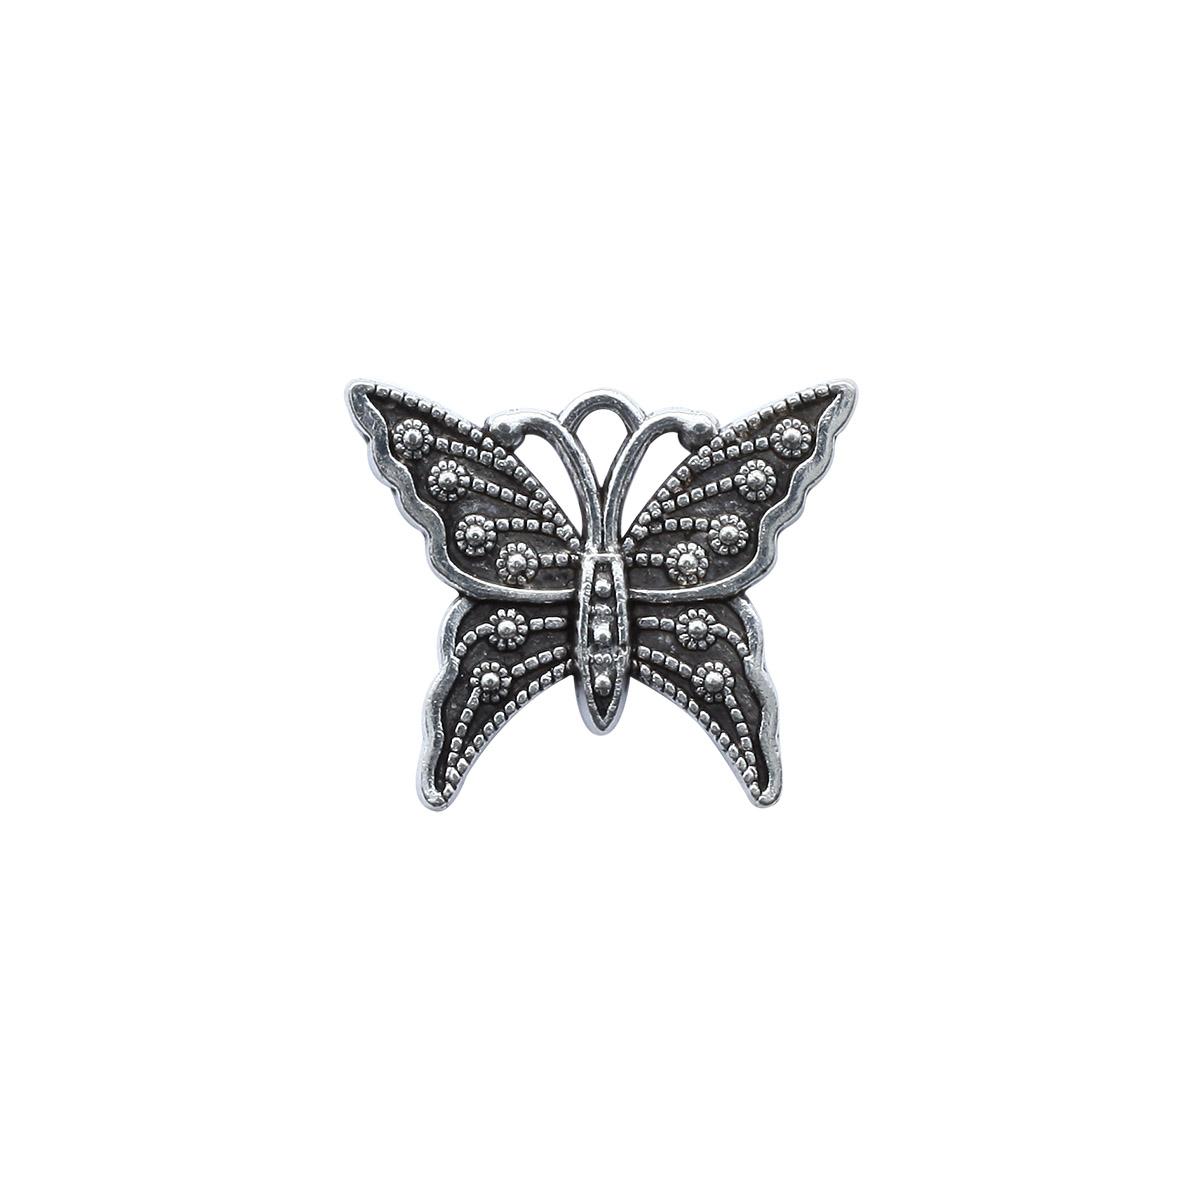 4AR043 Подвеска металлическая бабочка,2шт/упак, Астра